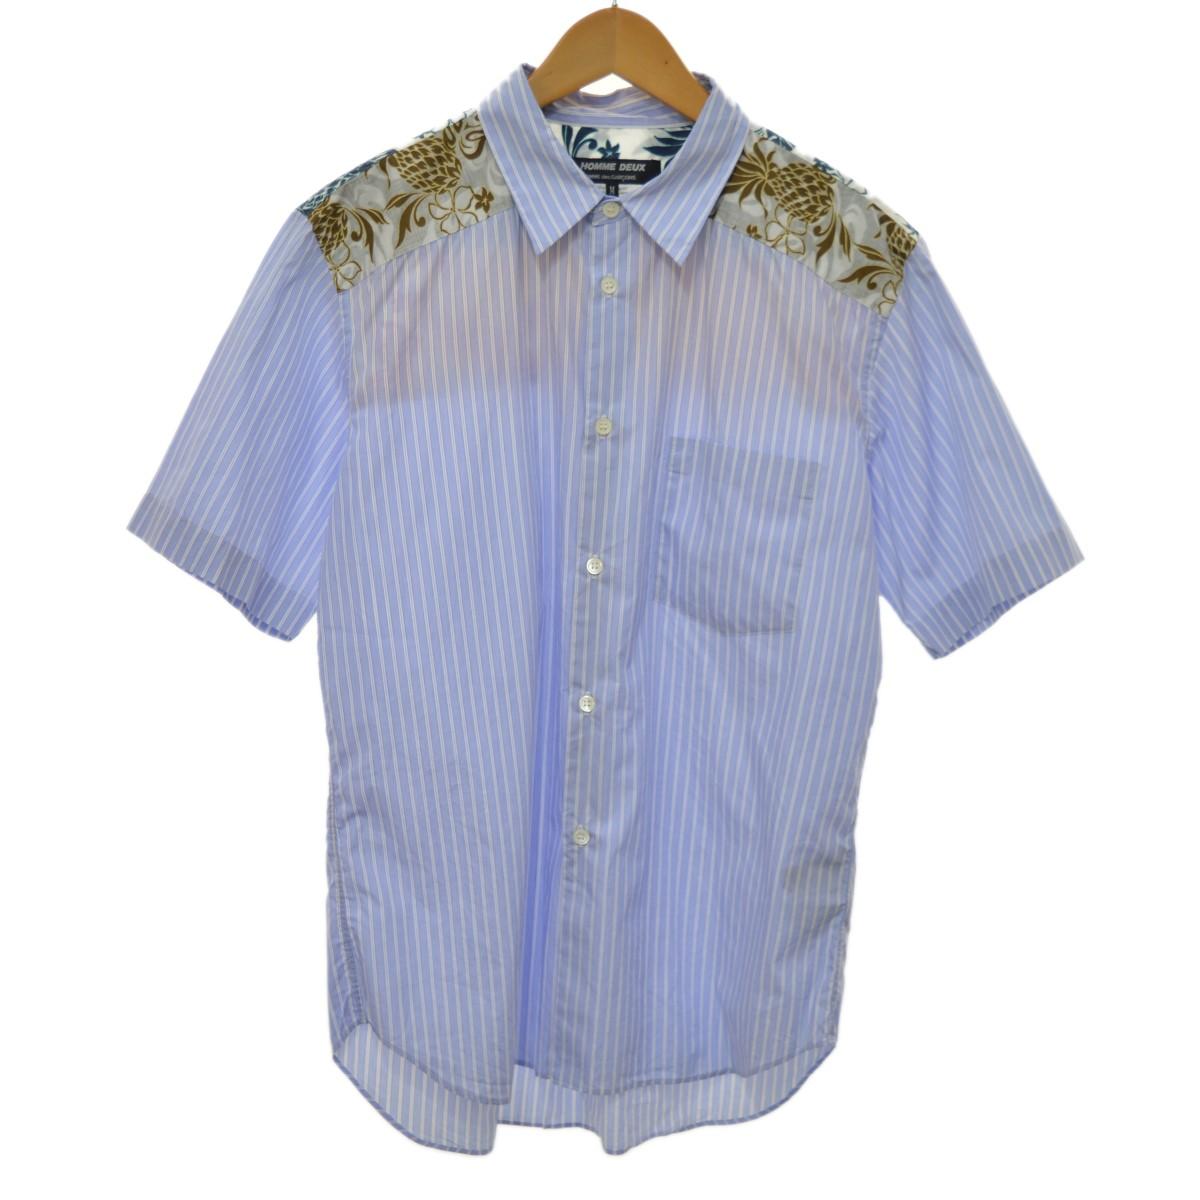 【中古】COMME des GARCONS HOMME DEUX 18SS ストライプハーフシャツ ブルー サイズ:M 【230420】(コムデギャルソンオムドゥ)